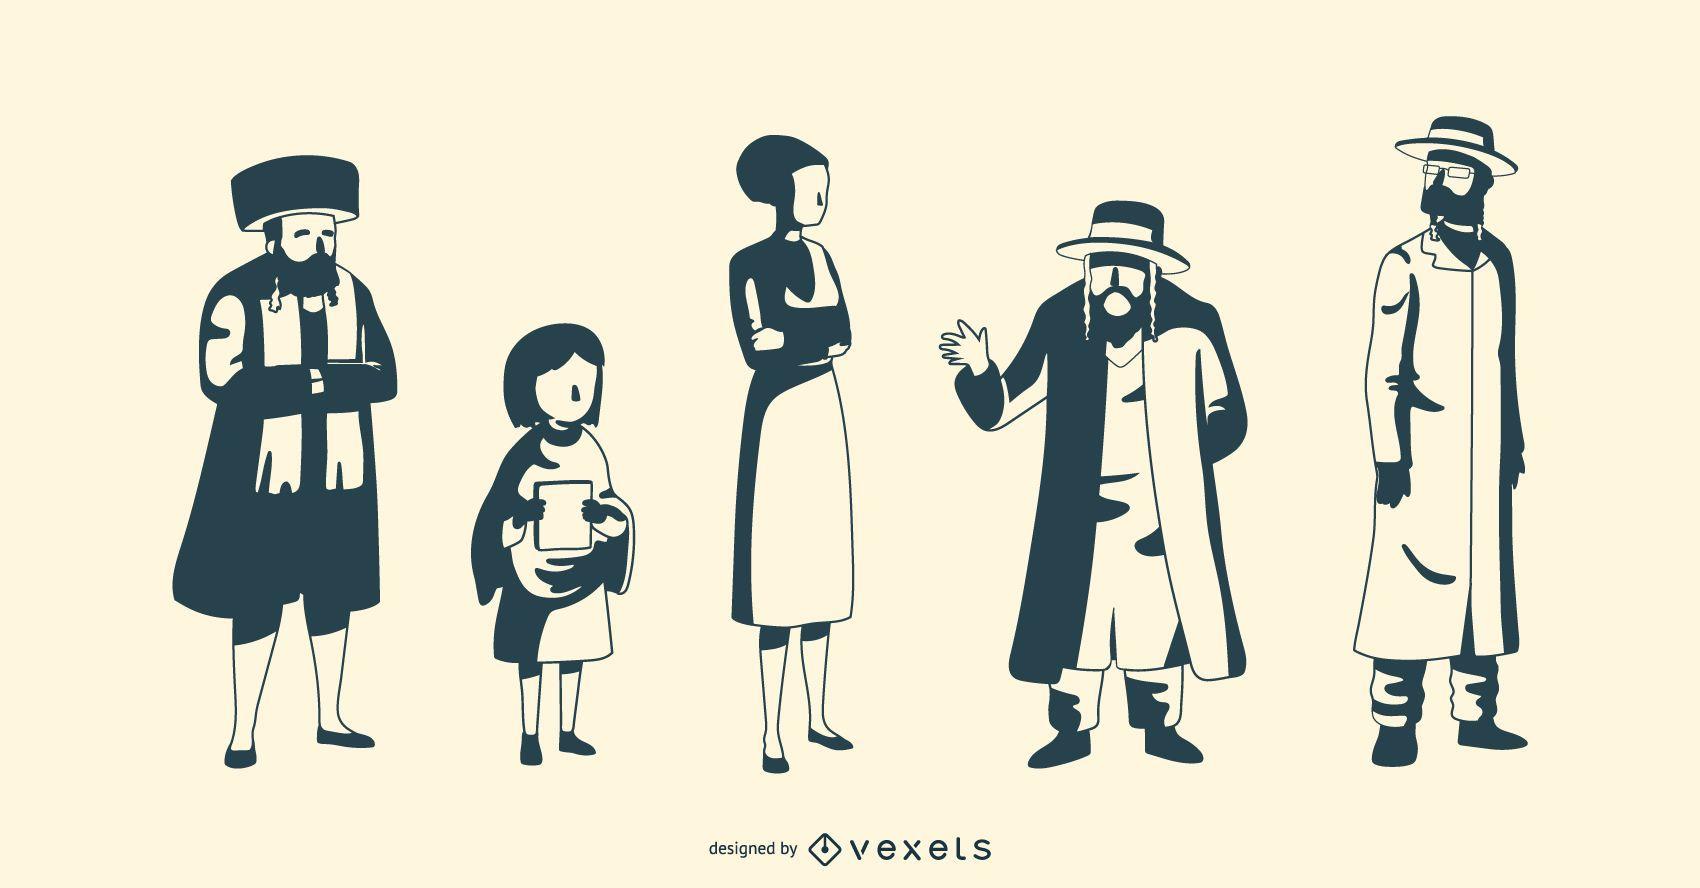 Paquete de vectores de silueta de pueblo judío